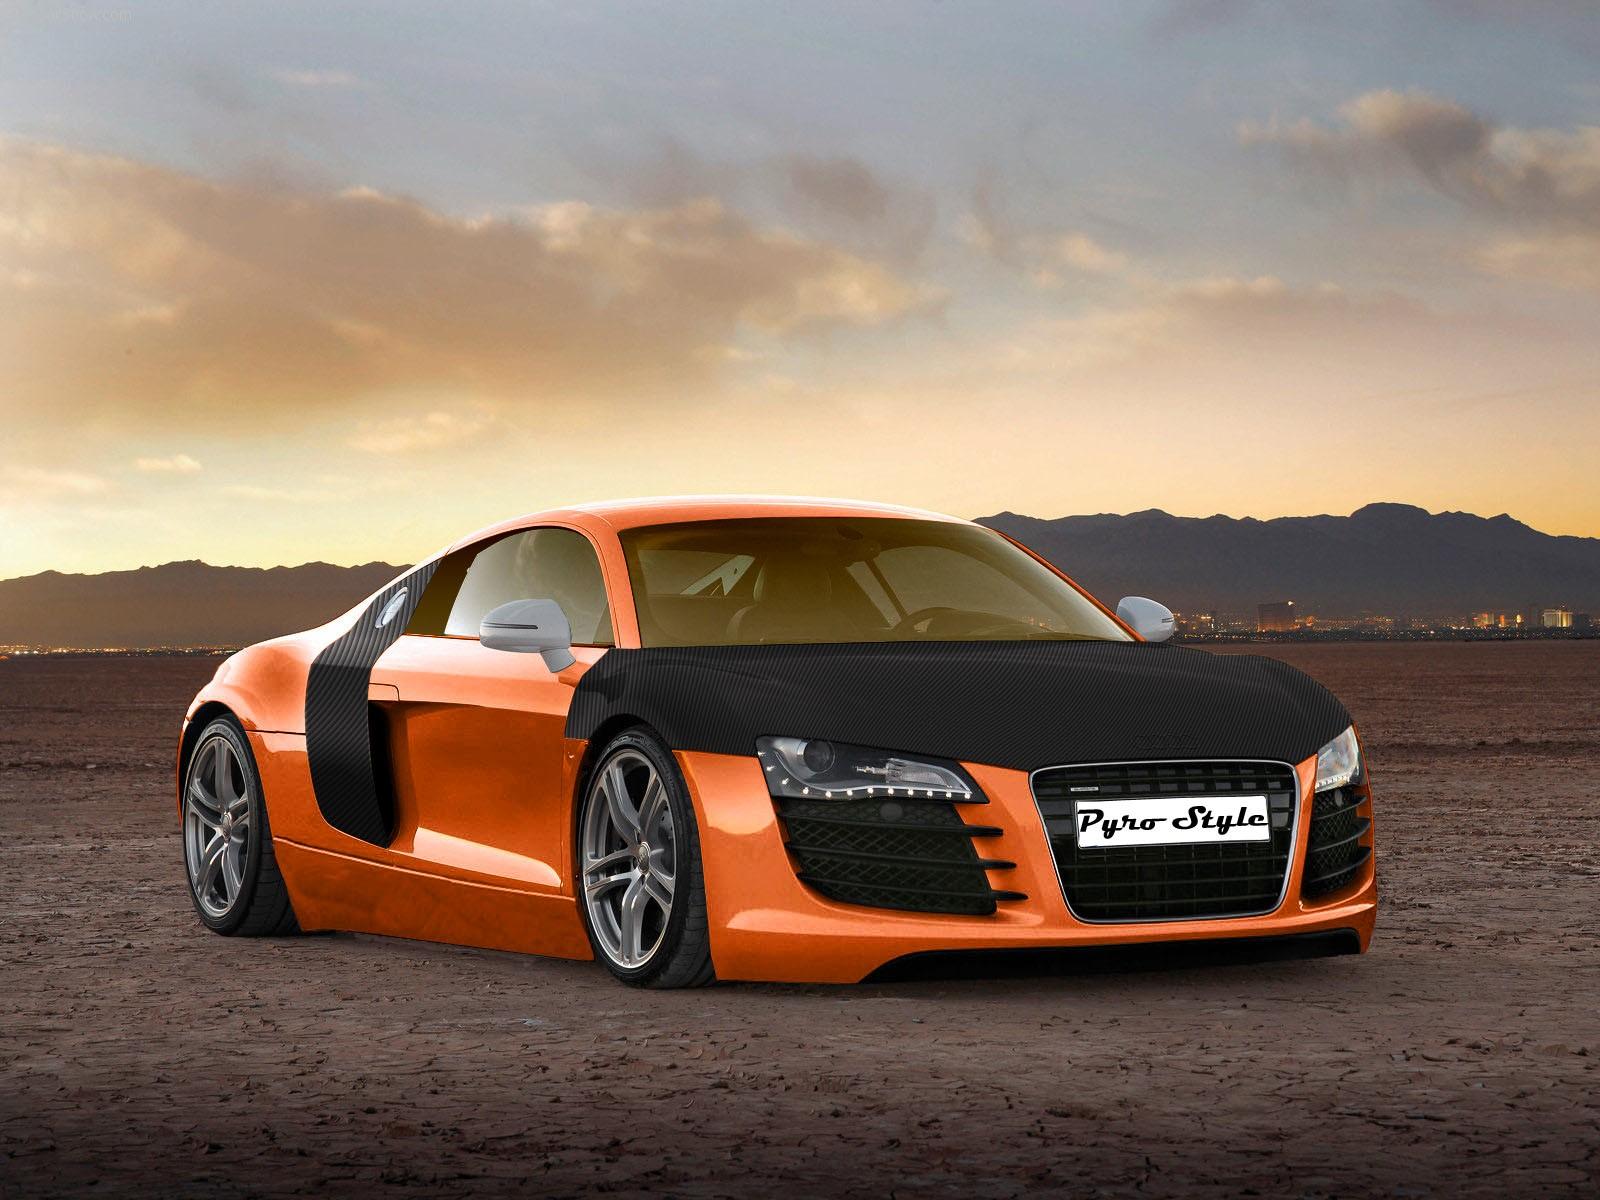 بالصور اجمل سيارة في العالم , صور لاجمل عربيات فى العالم